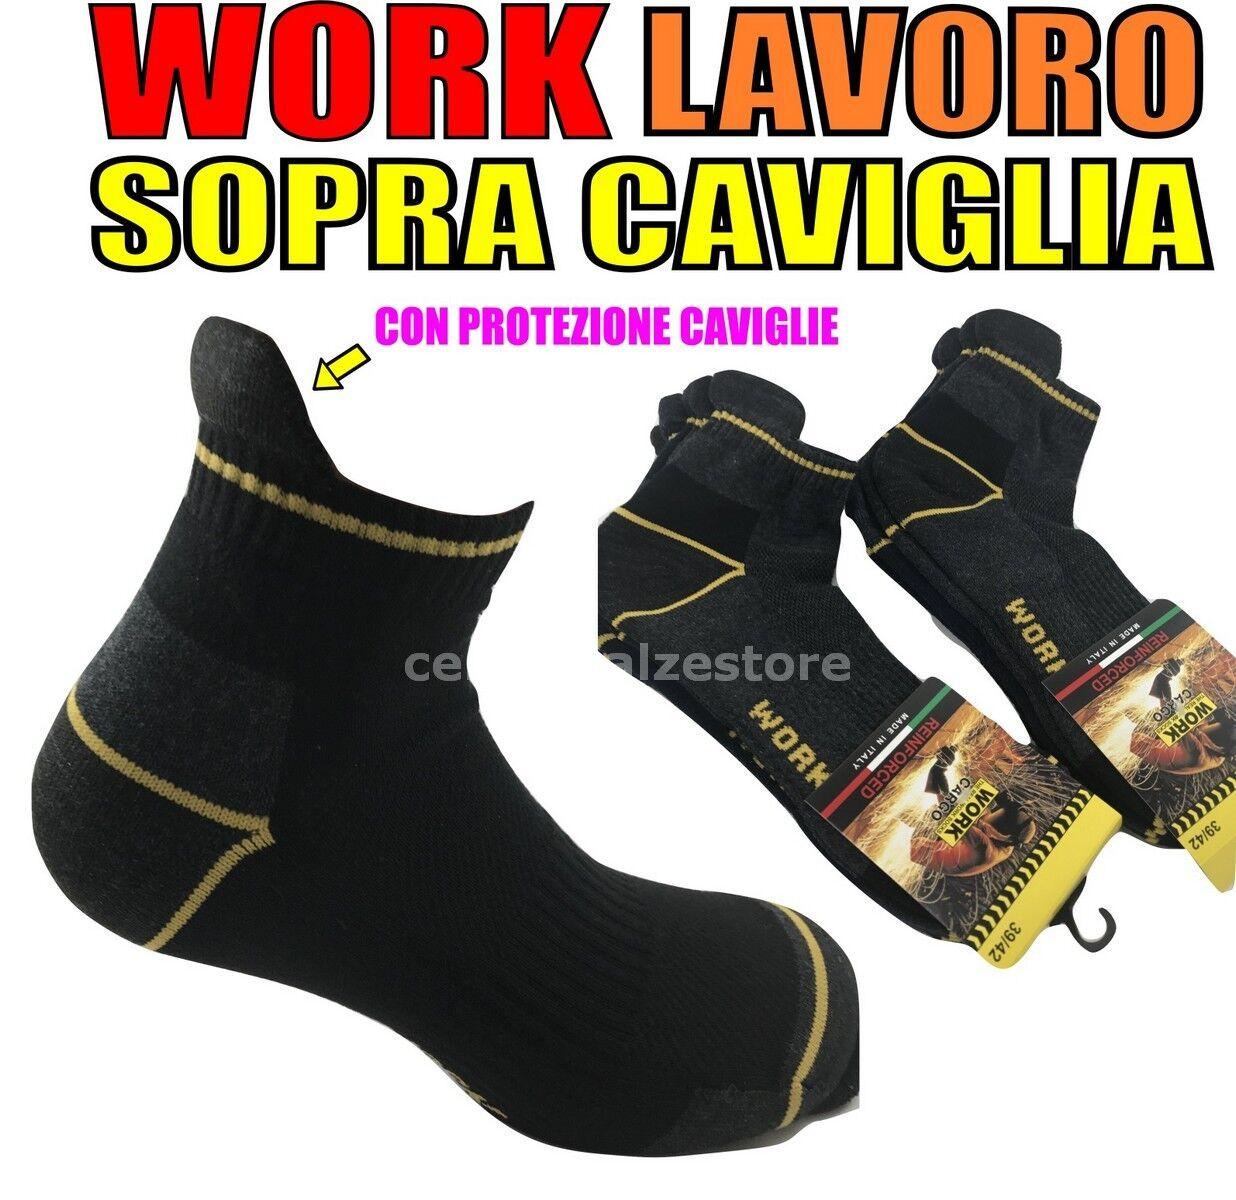 6 PAIA CALZE CALZINI UOMO SOPRA LA CAVIGLIA DA LAVORO RINFORZATI WORK SOCKS PRO